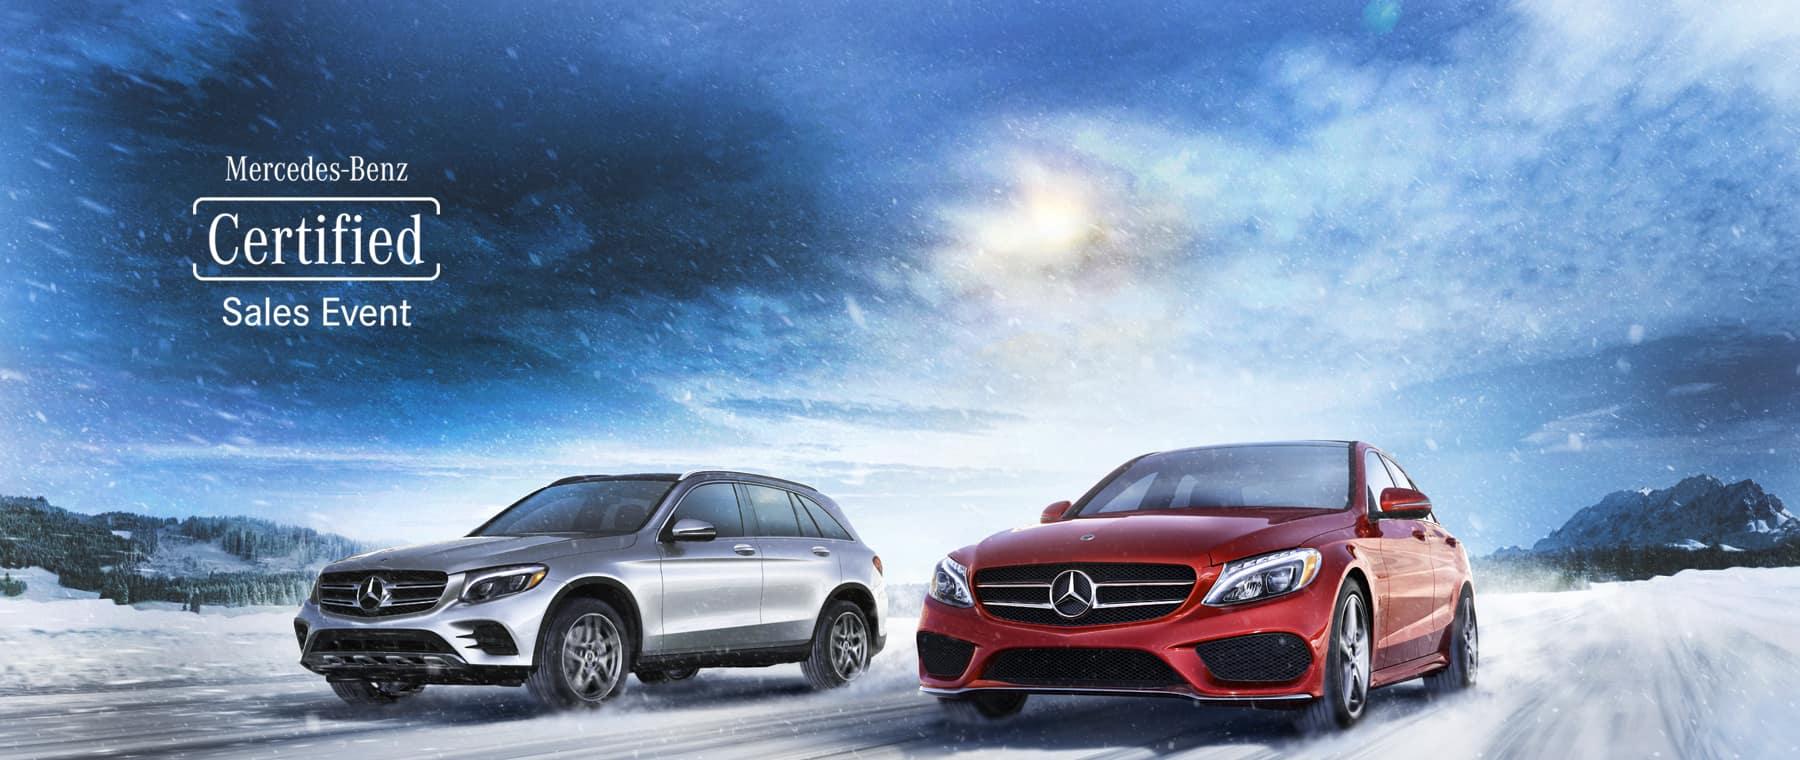 Mercedes-Benz Certified Sales Event 2019